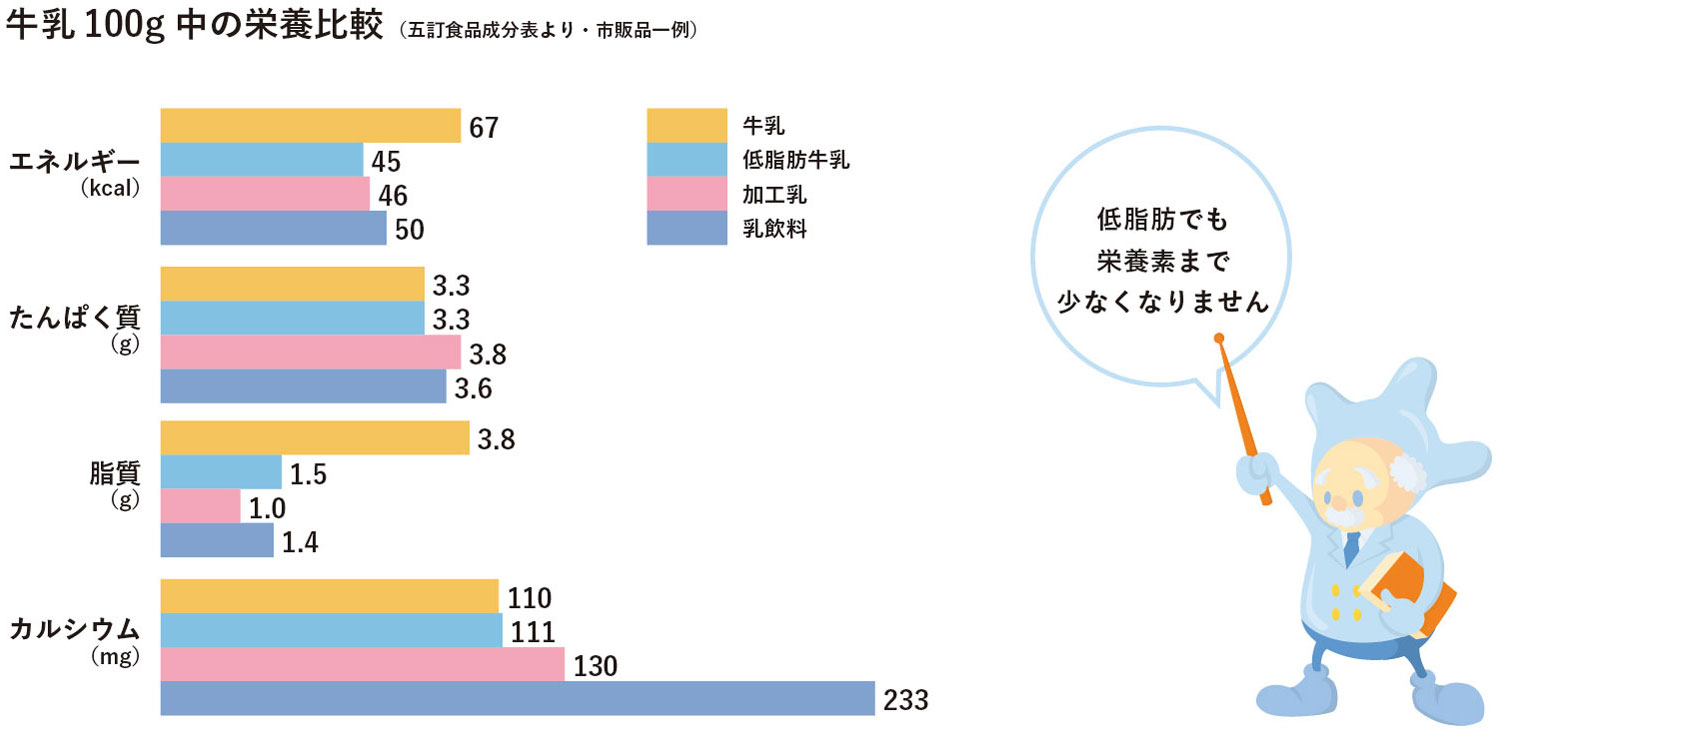 牛乳の100g中の栄養の比較